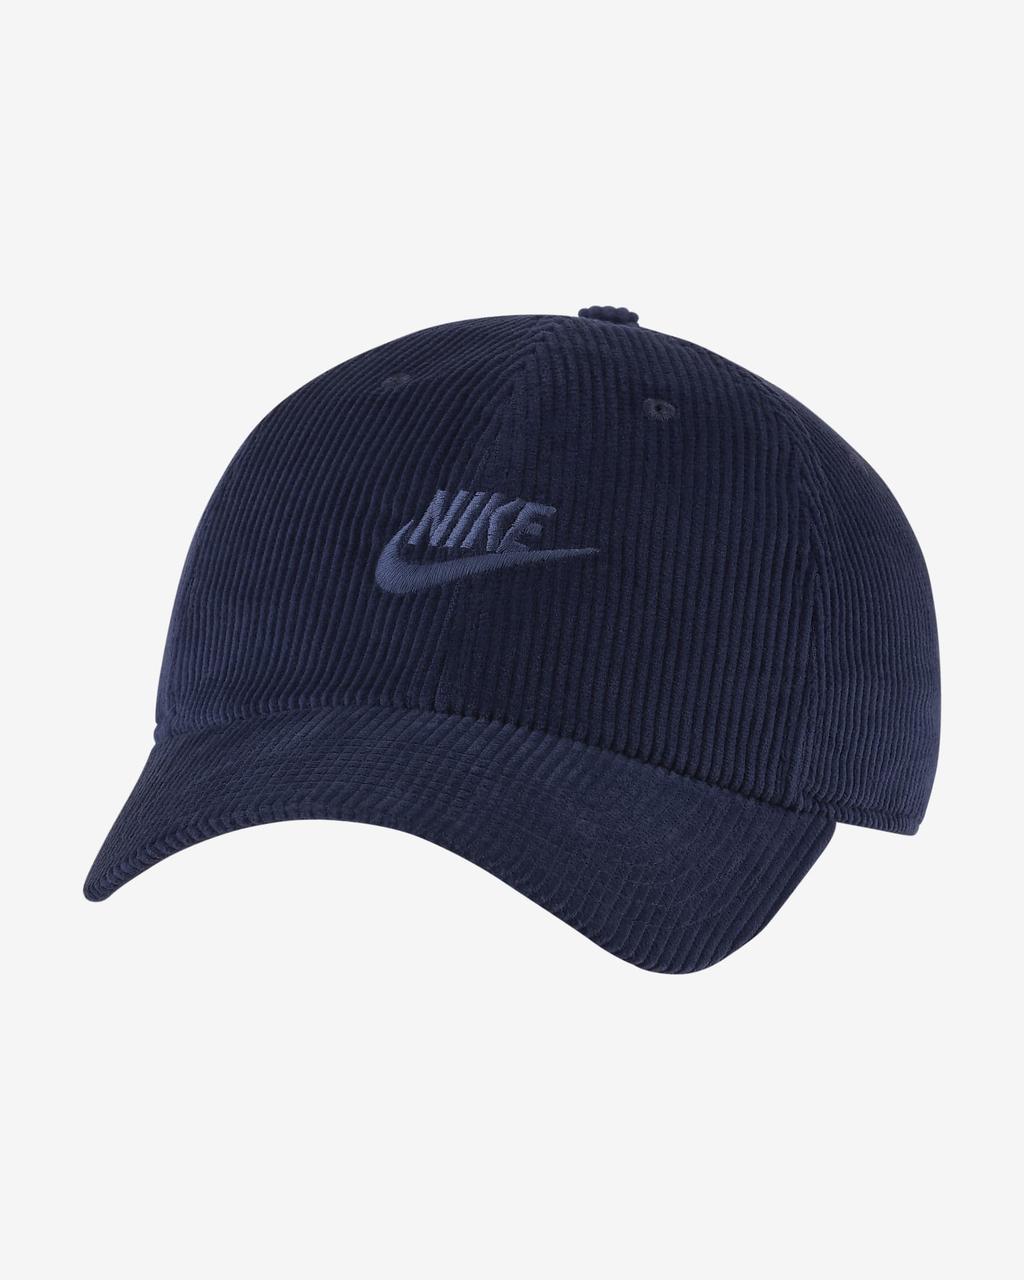 Кепка Nike Sportswear Heritage 86 DC4015-410 Темно-синий